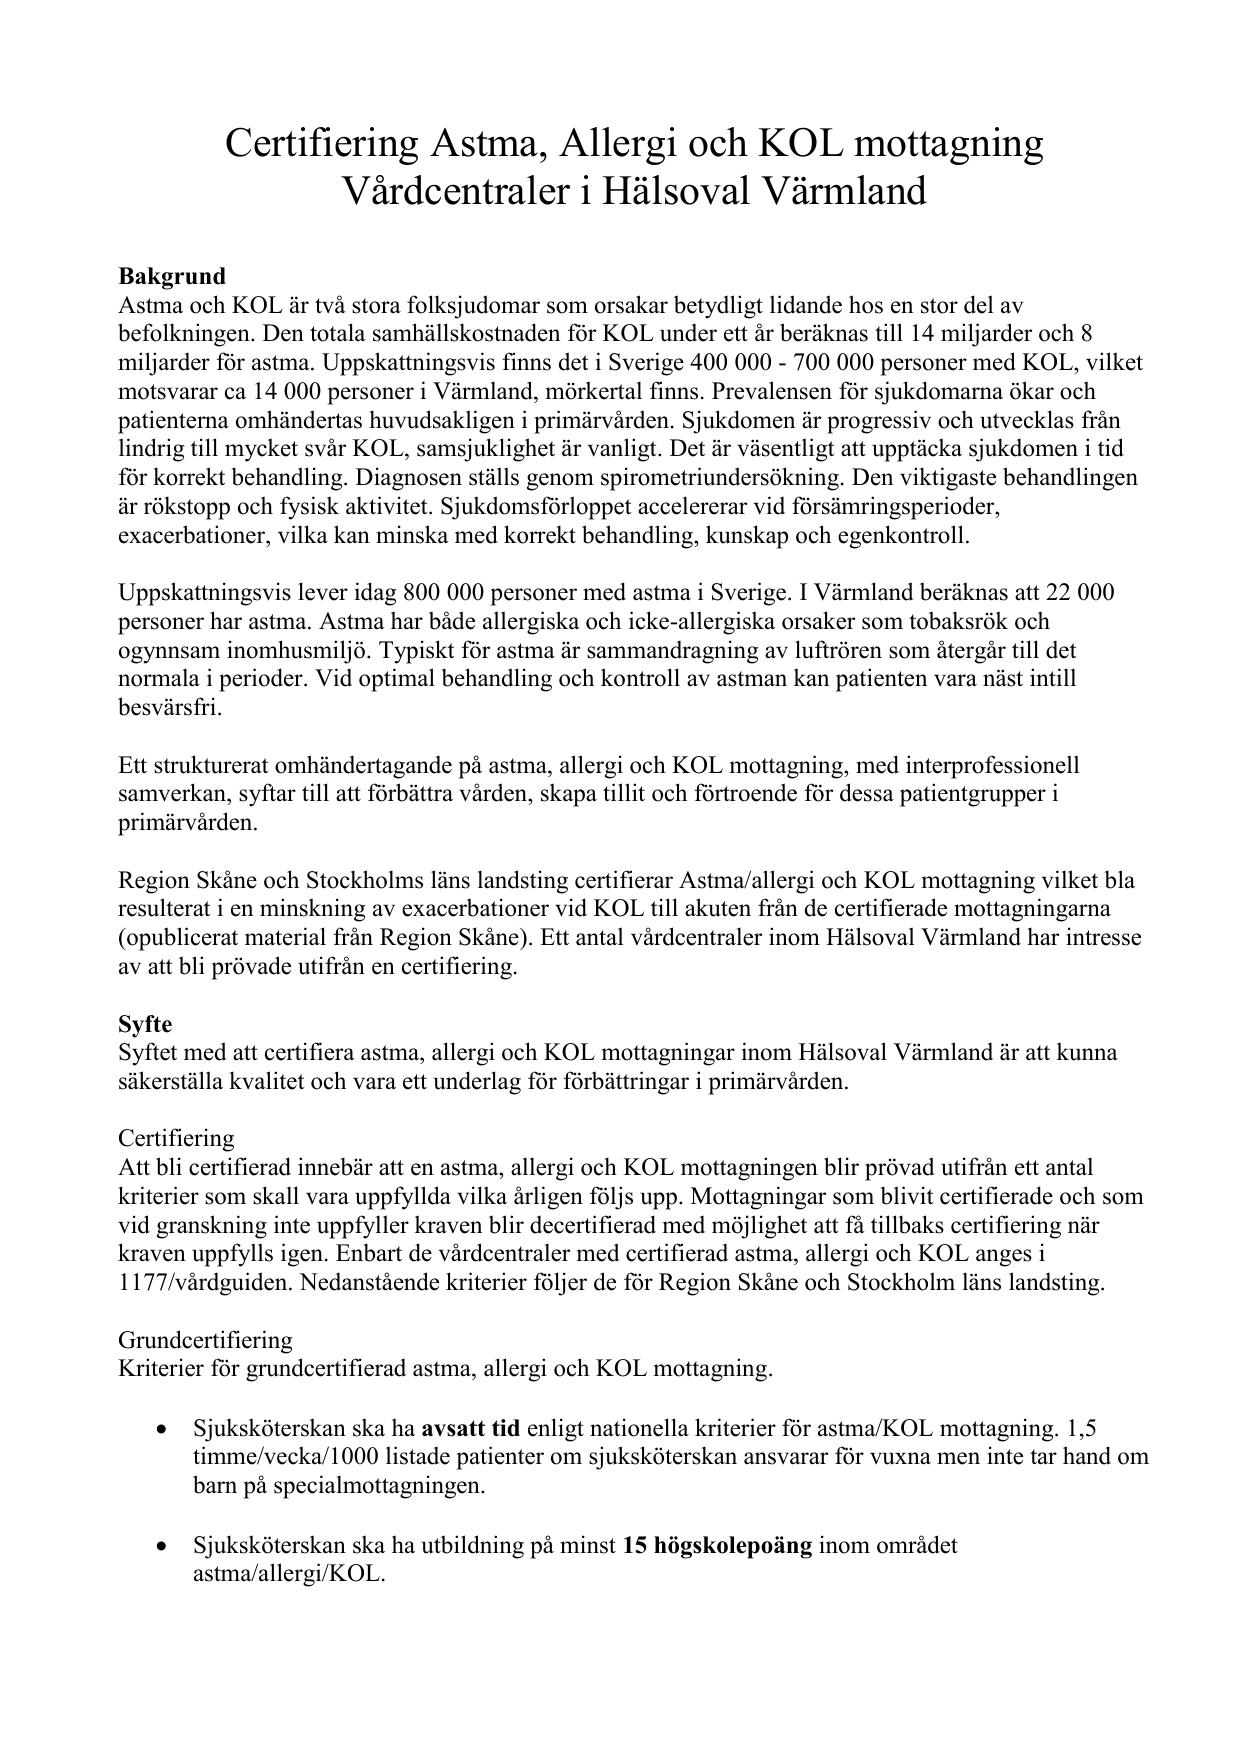 Certifiering Astma Allergi Och Kol Mottagning Vardcentraler I